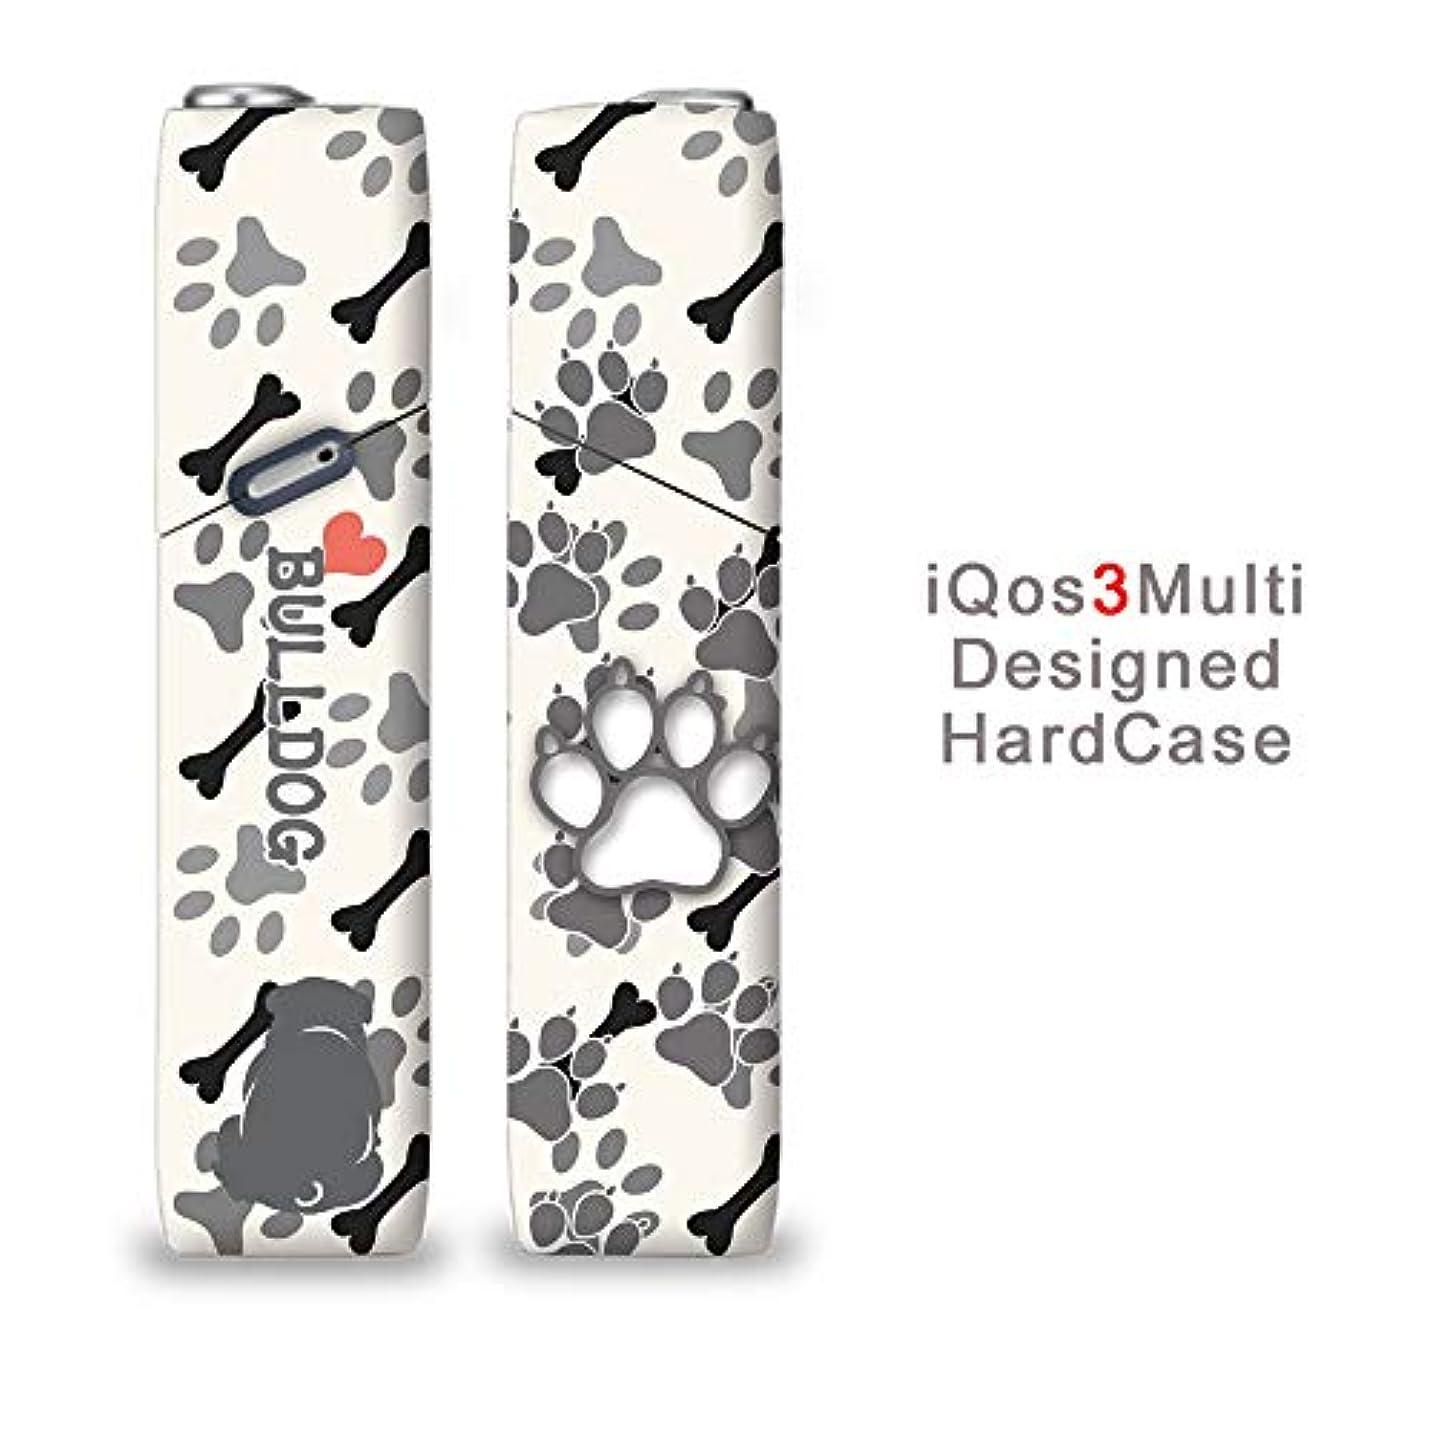 現実的マネージャー運命完全国内受注生産 iQOS3マルチ用 アイコス3マルチ用 熱転写全面印刷 ドッグシルエット ブルドッグ 加熱式タバコ 電子タバコ 禁煙サポート アクセサリー プラスティックケース ハードケース 日本製